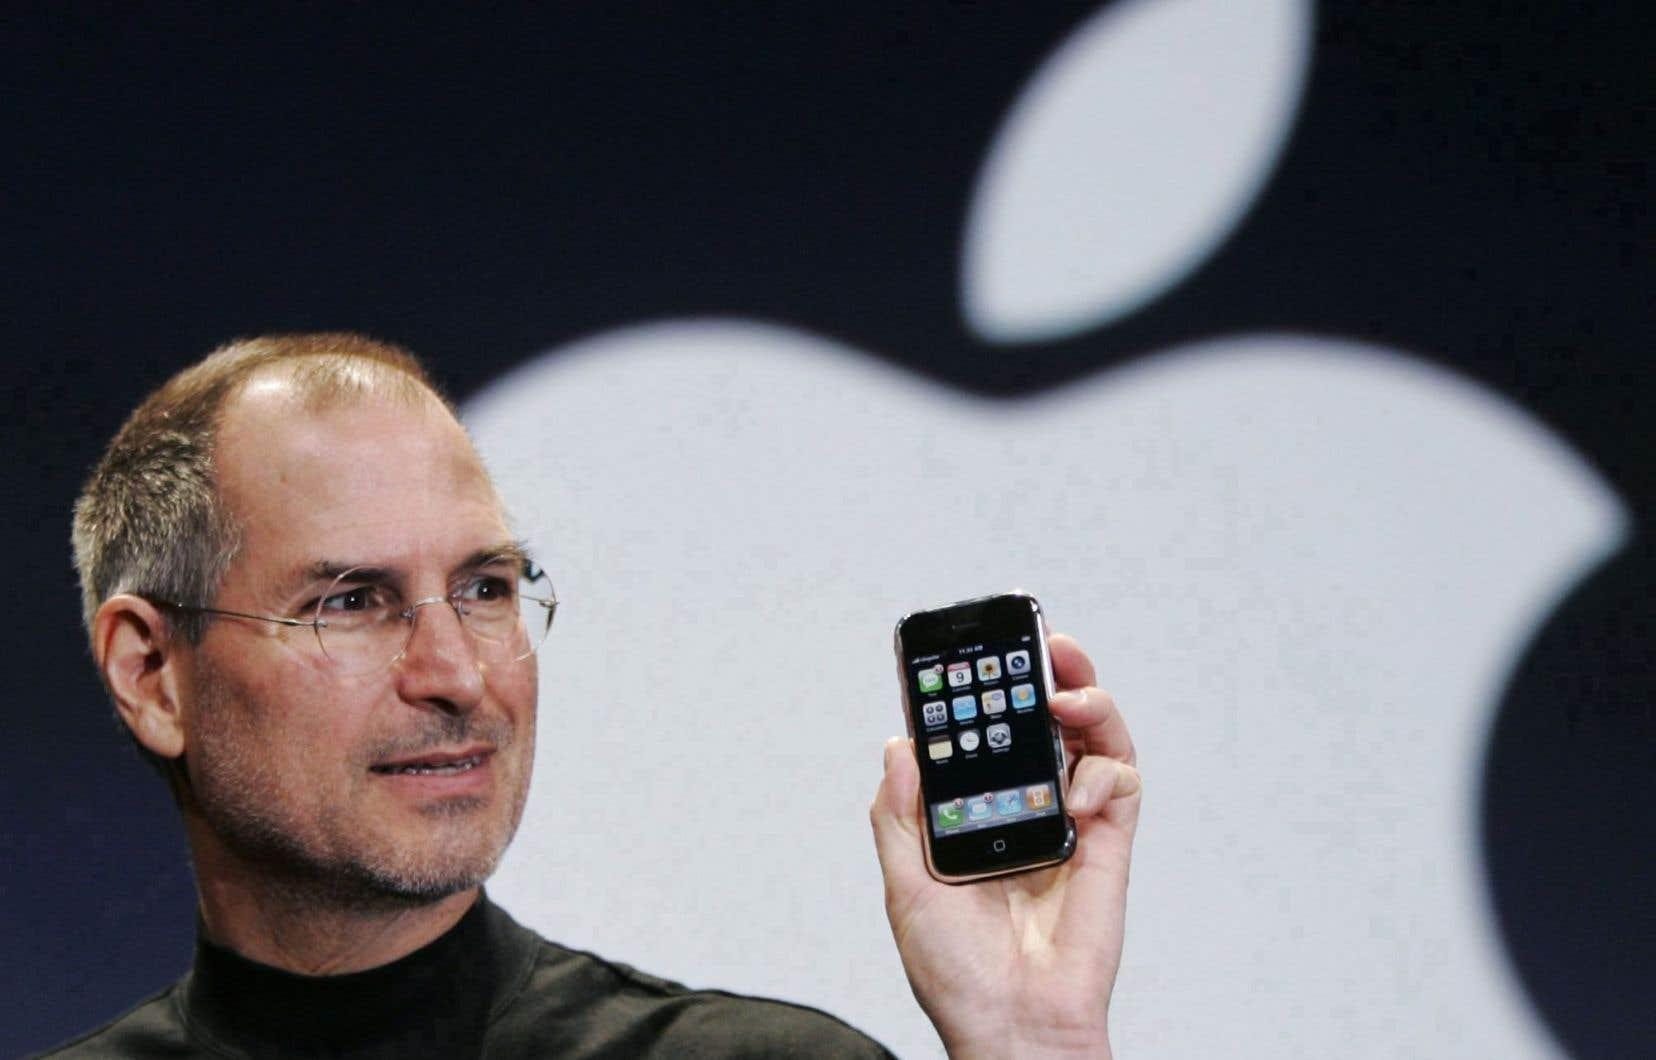 L'ancien président-directeur général d'Apple, Steve Jobs, présente le tout premier modèle de l'iPhone le 9 janvier 2007 lors de la conférence Macworld.